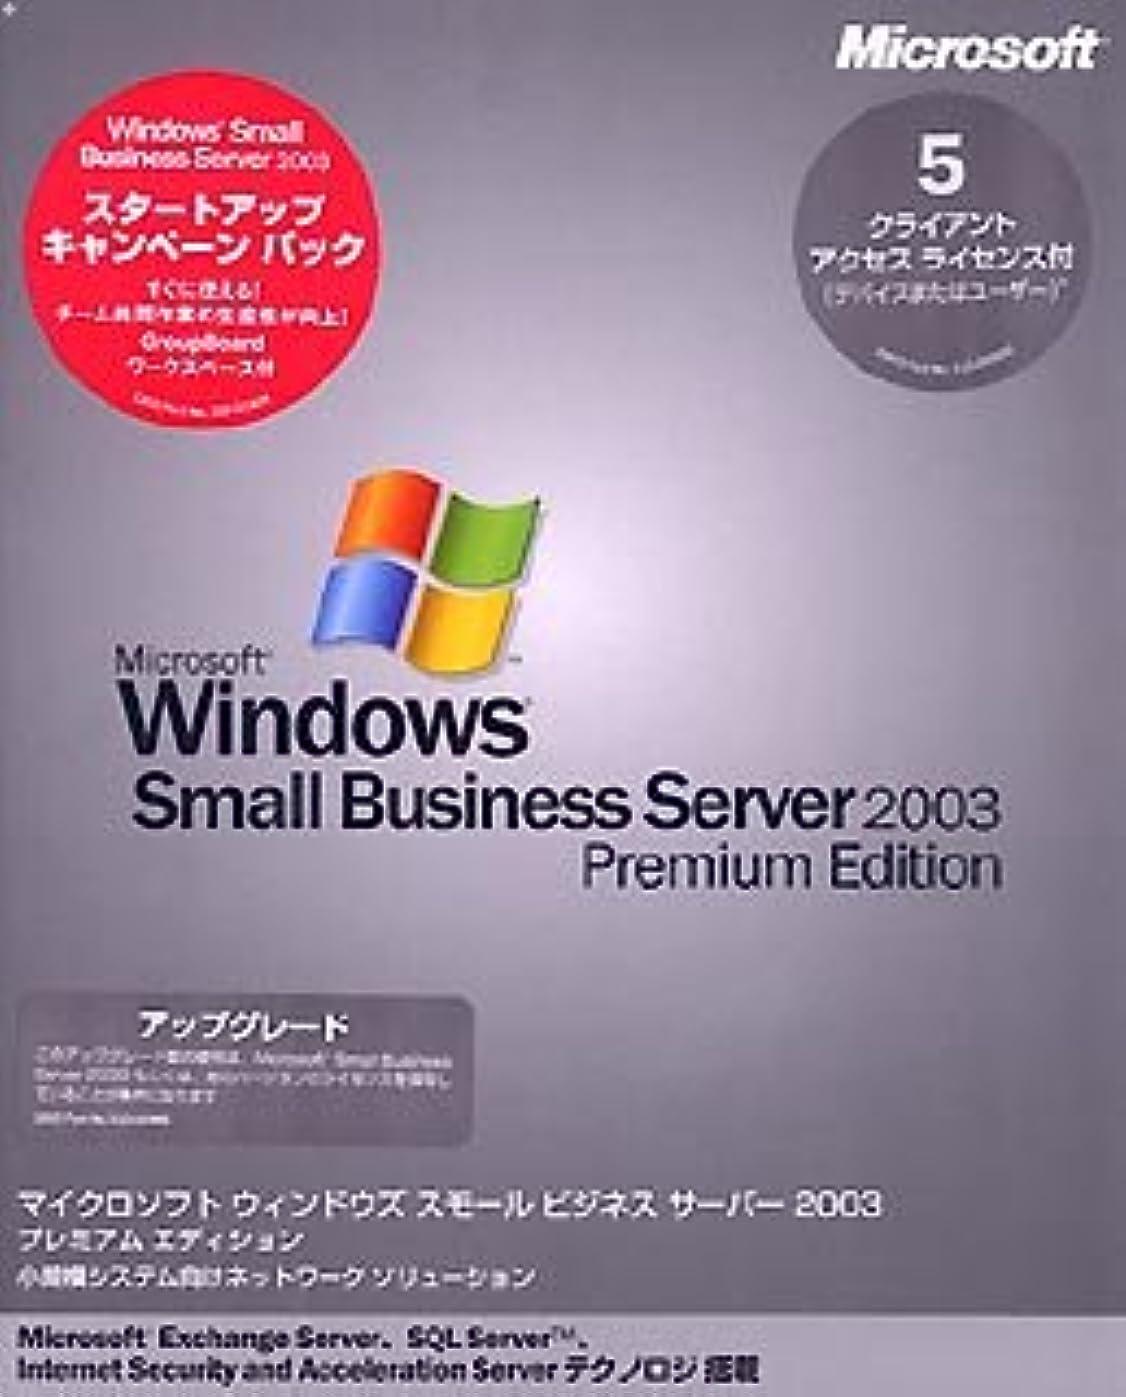 ゾーンブランク見捨てられたMicrosoft Windows Small Business Server 2003 Premium Edition 日本語版 サーバーライセンス 5CAL付 バージョンアップグレード スタートアップキャンペーンパック with GroupBoard ワークスペース